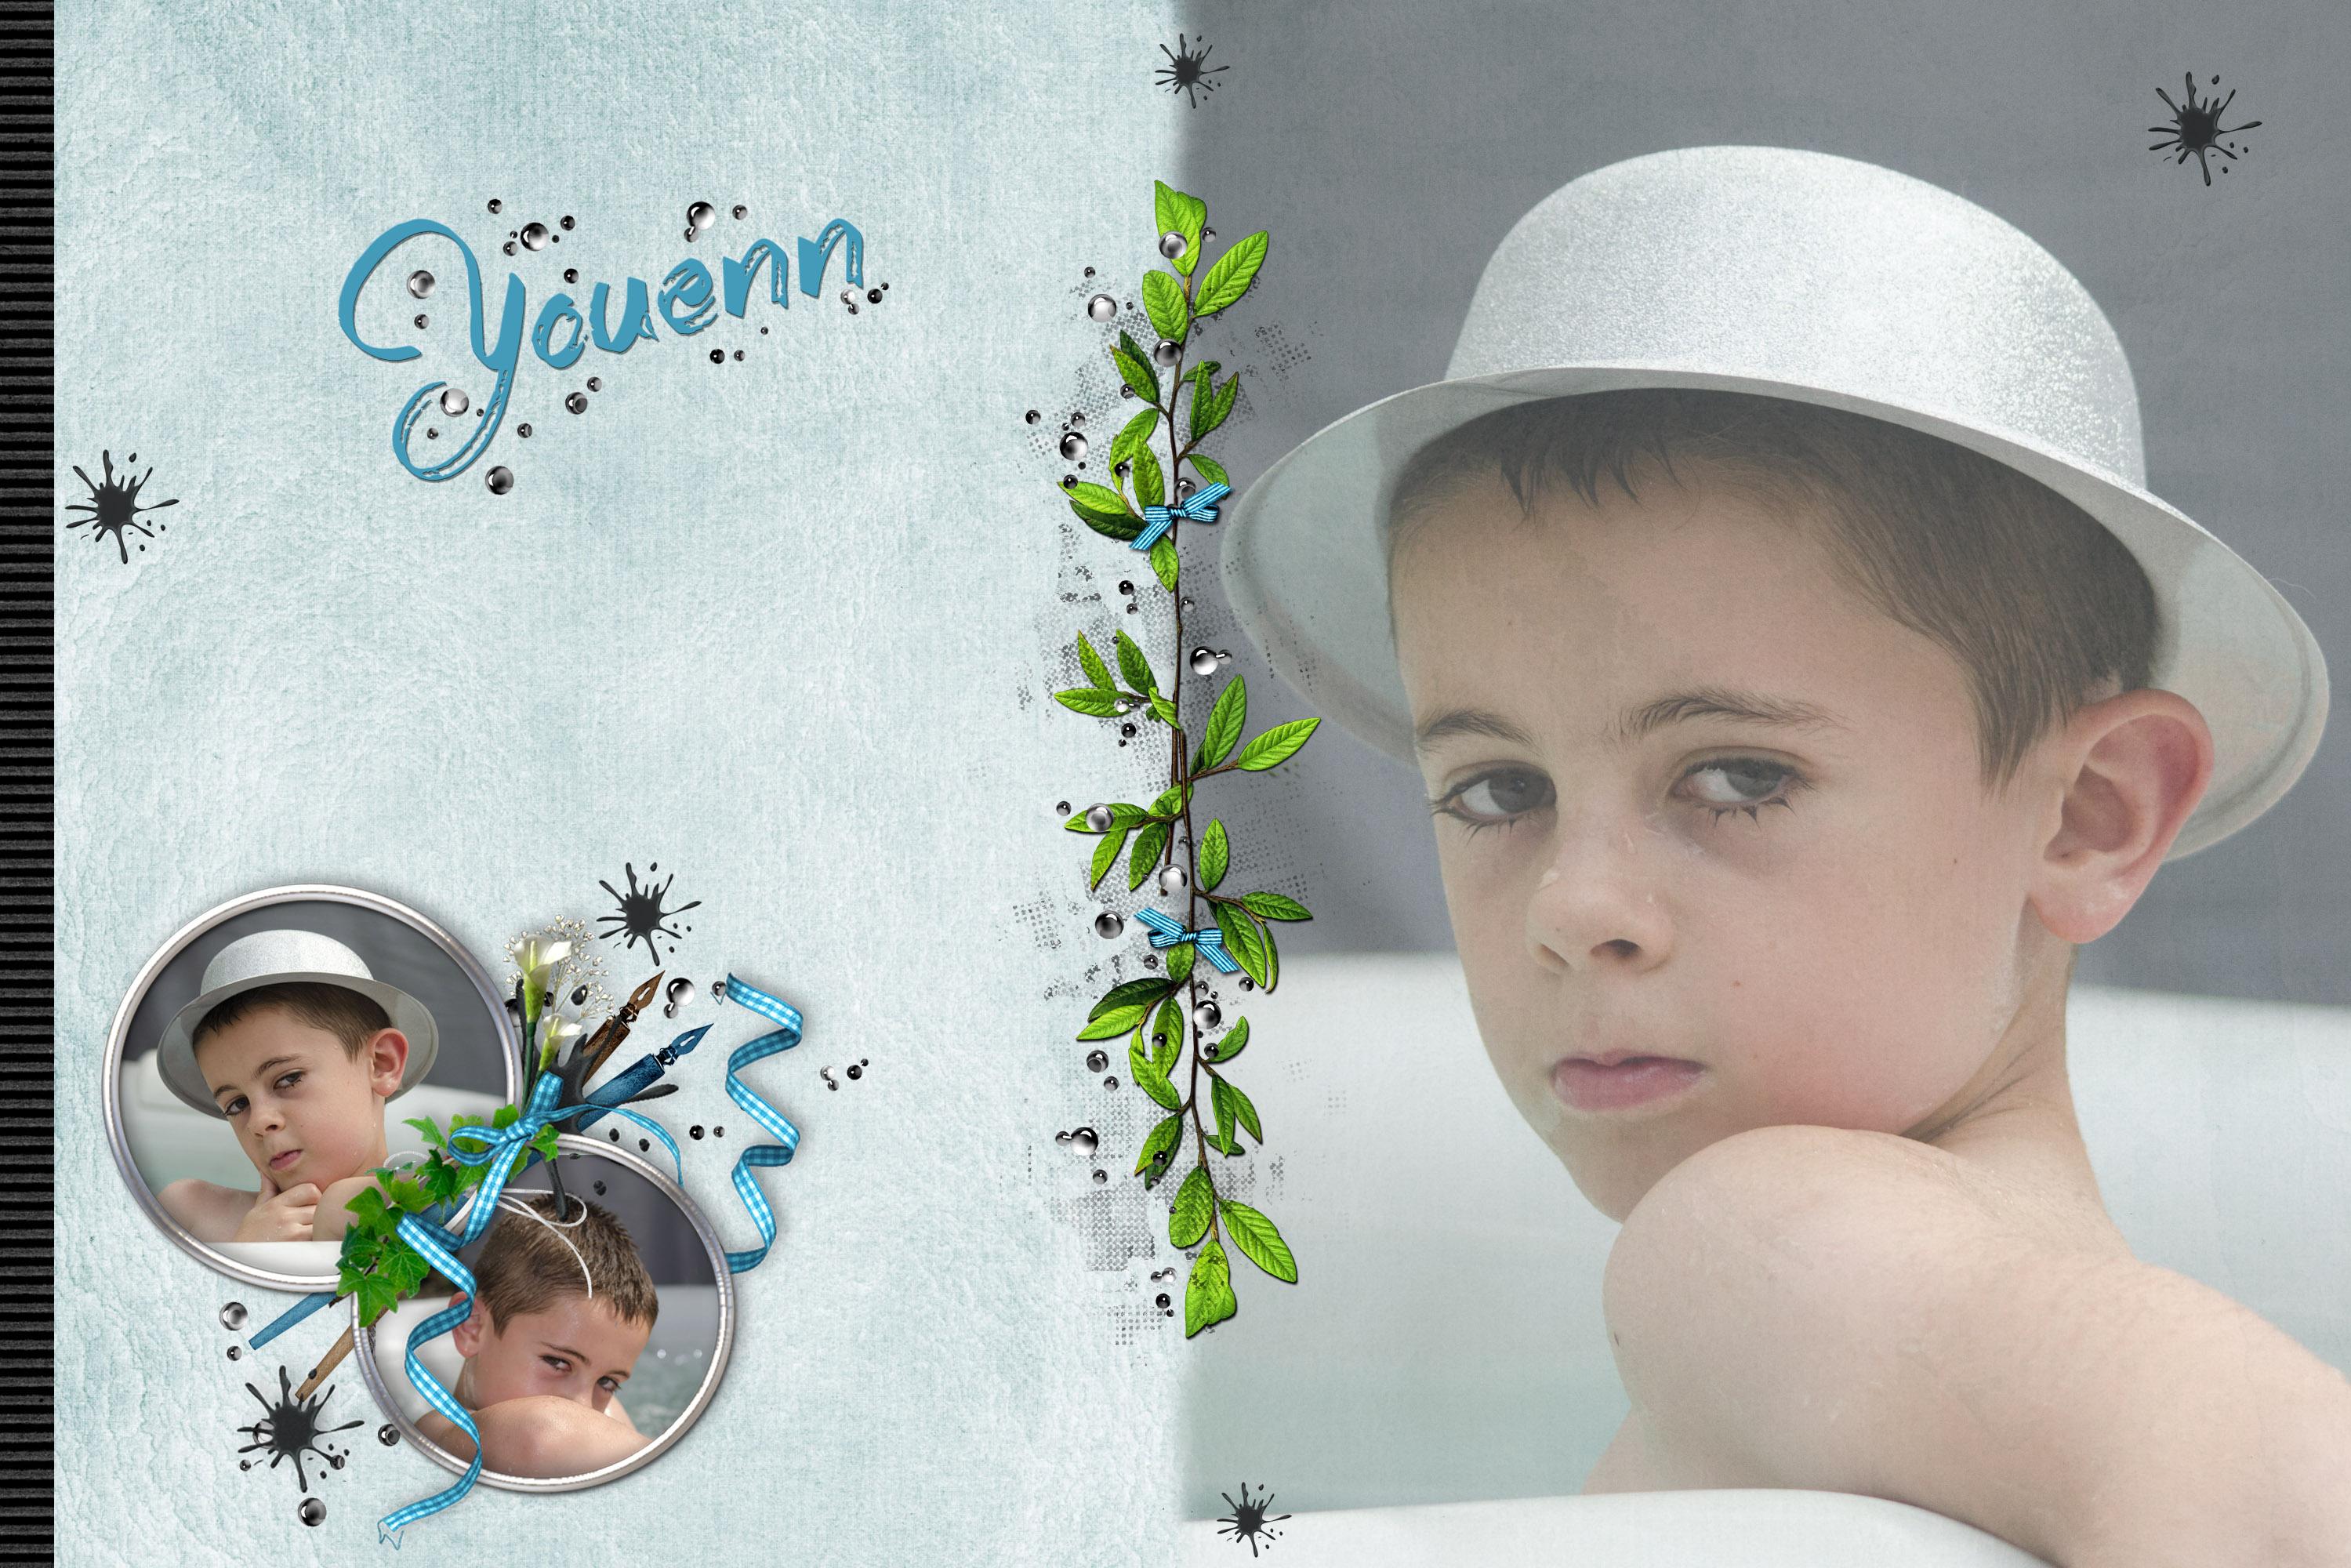 Youenn